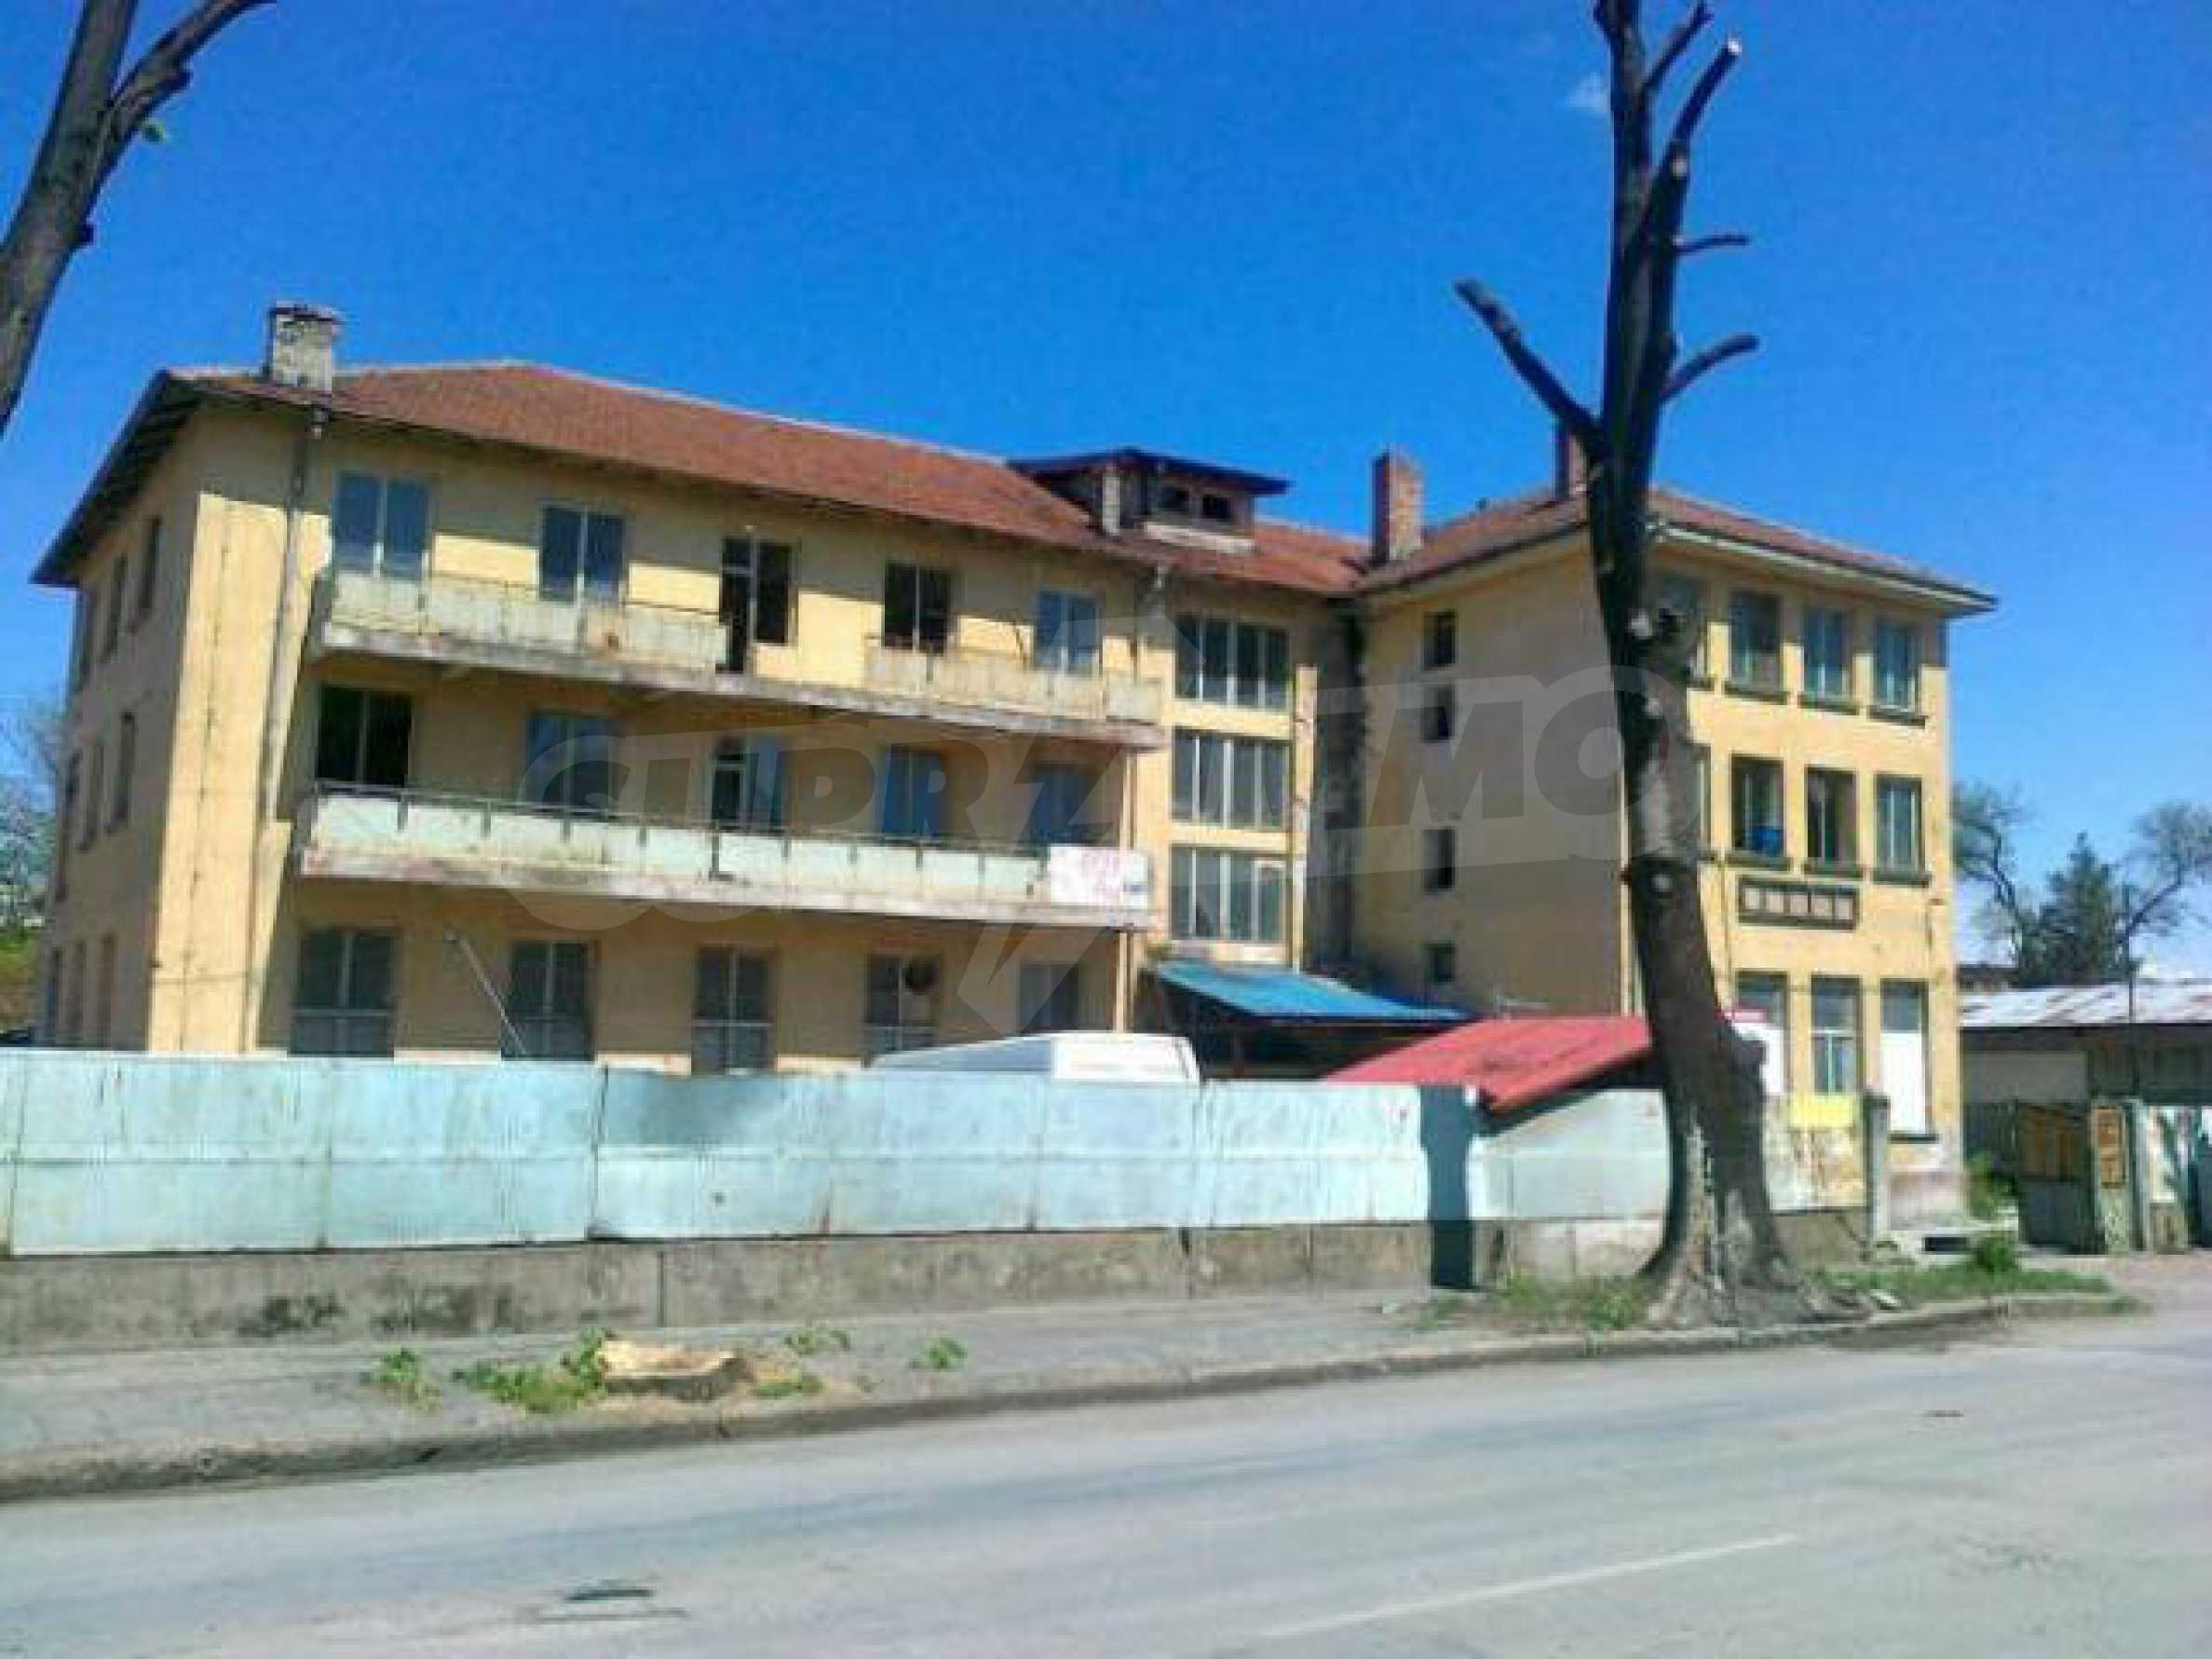 Massives dreistöckiges Lagerhaus in einer Stadt 40 km von Veliko Tarnovo entfernt